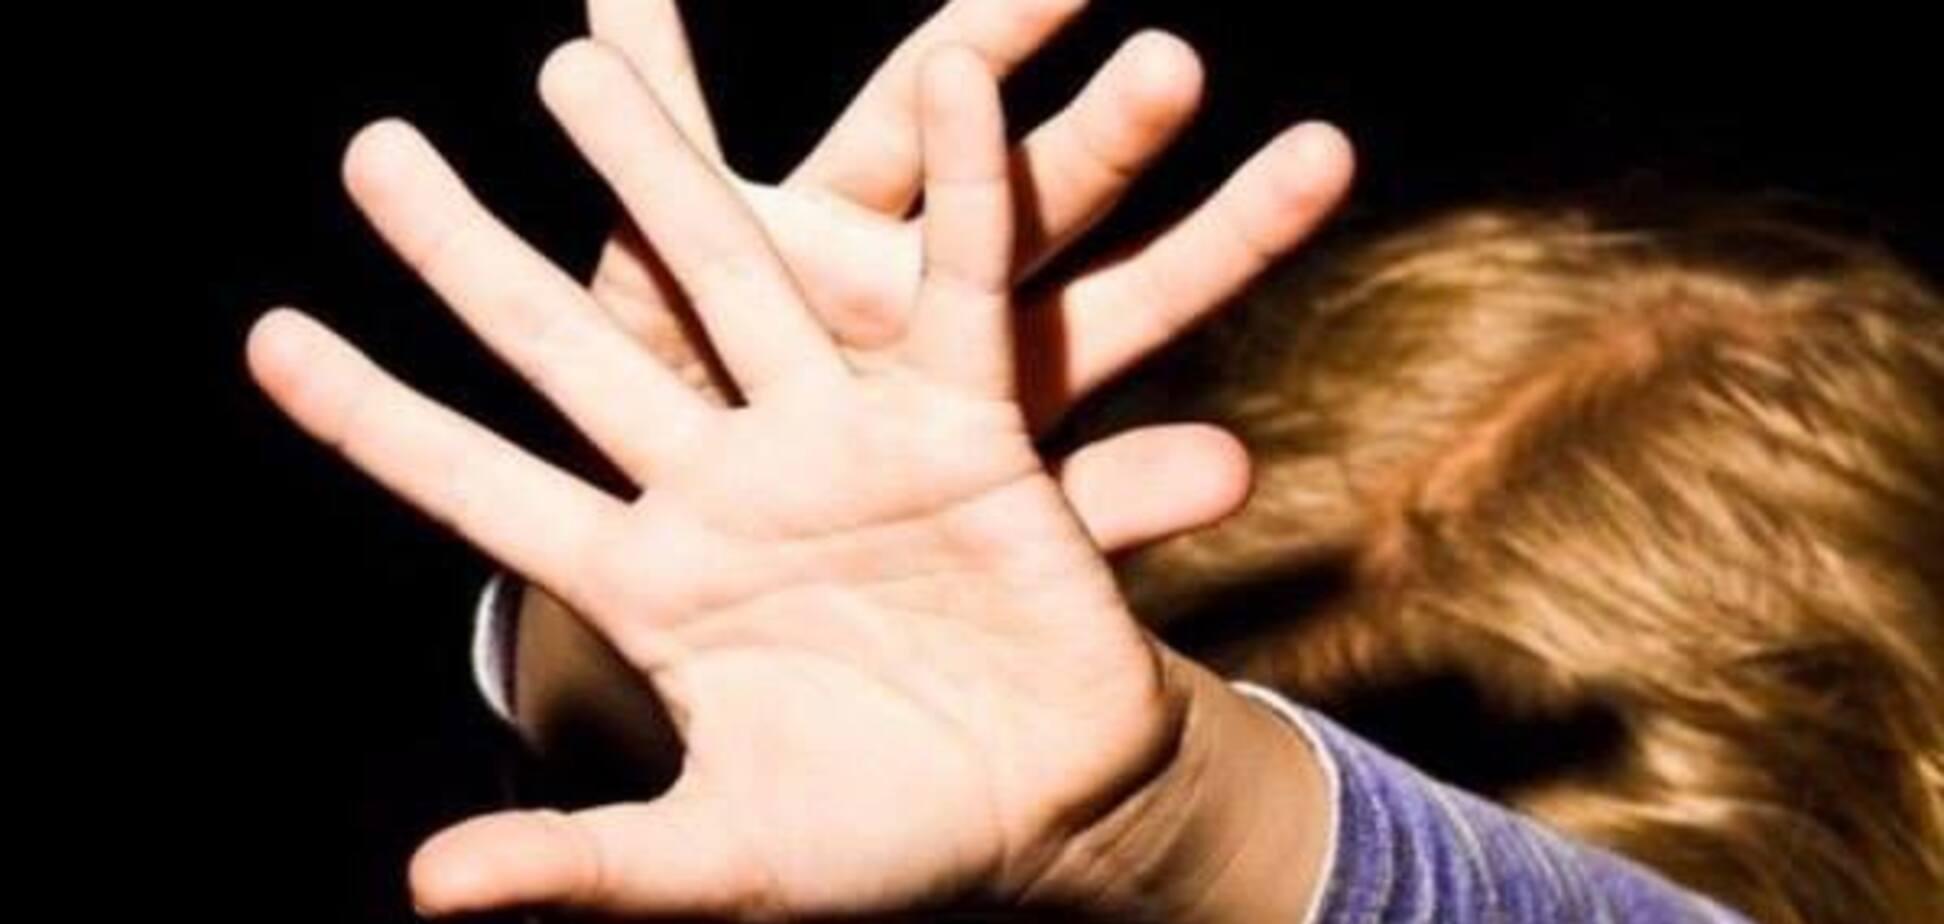 В Киеве педофил развратил 6-летнего ребенка